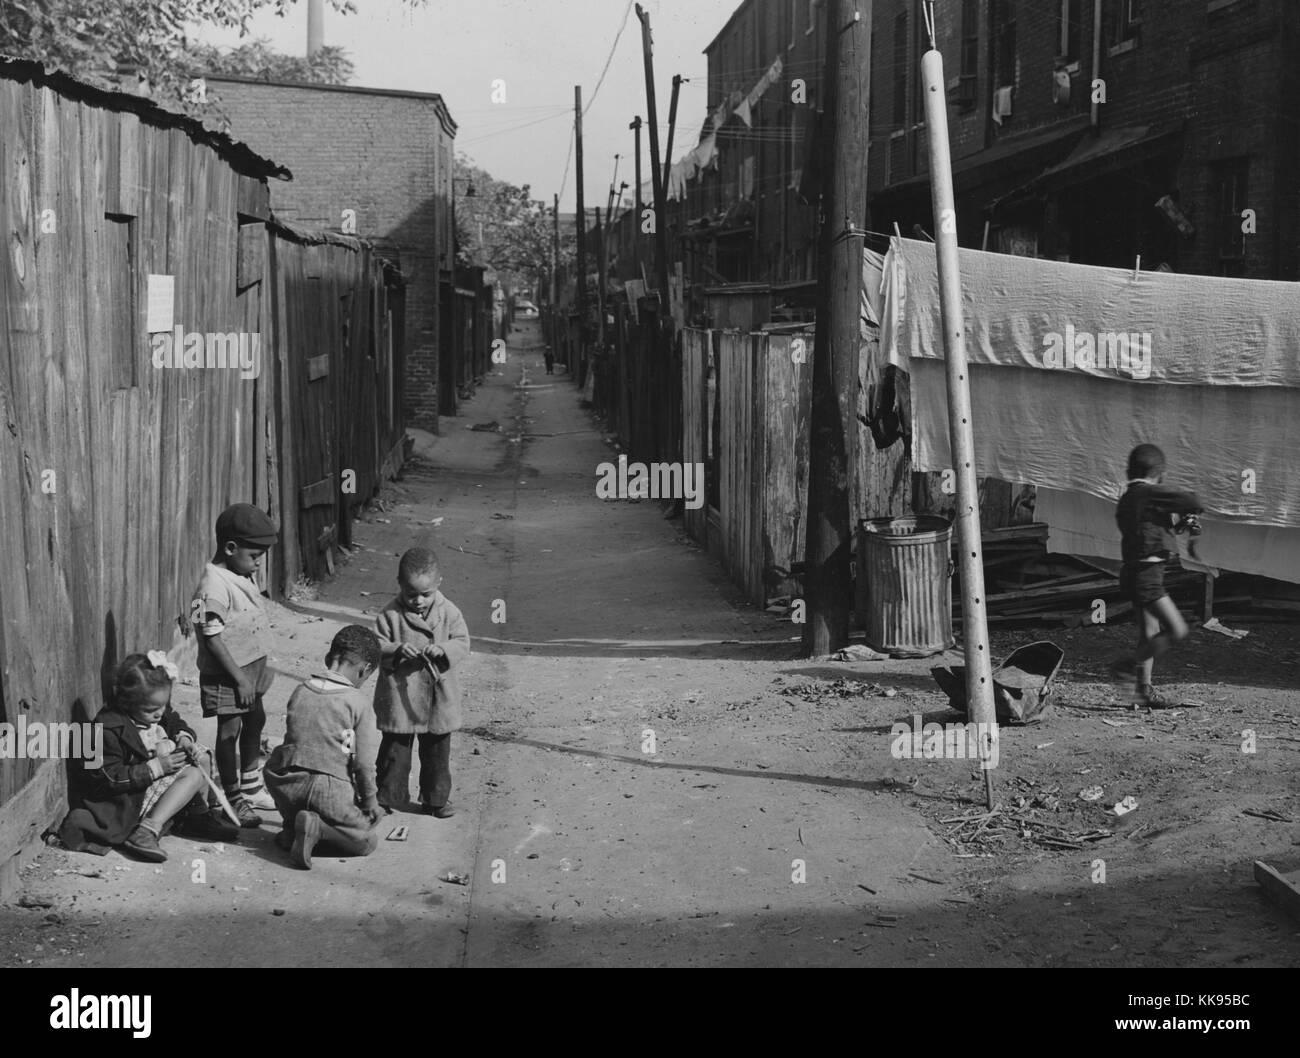 Fotografia In Bianco E Nero Di Afro Americano Di Bambini Che Giocano